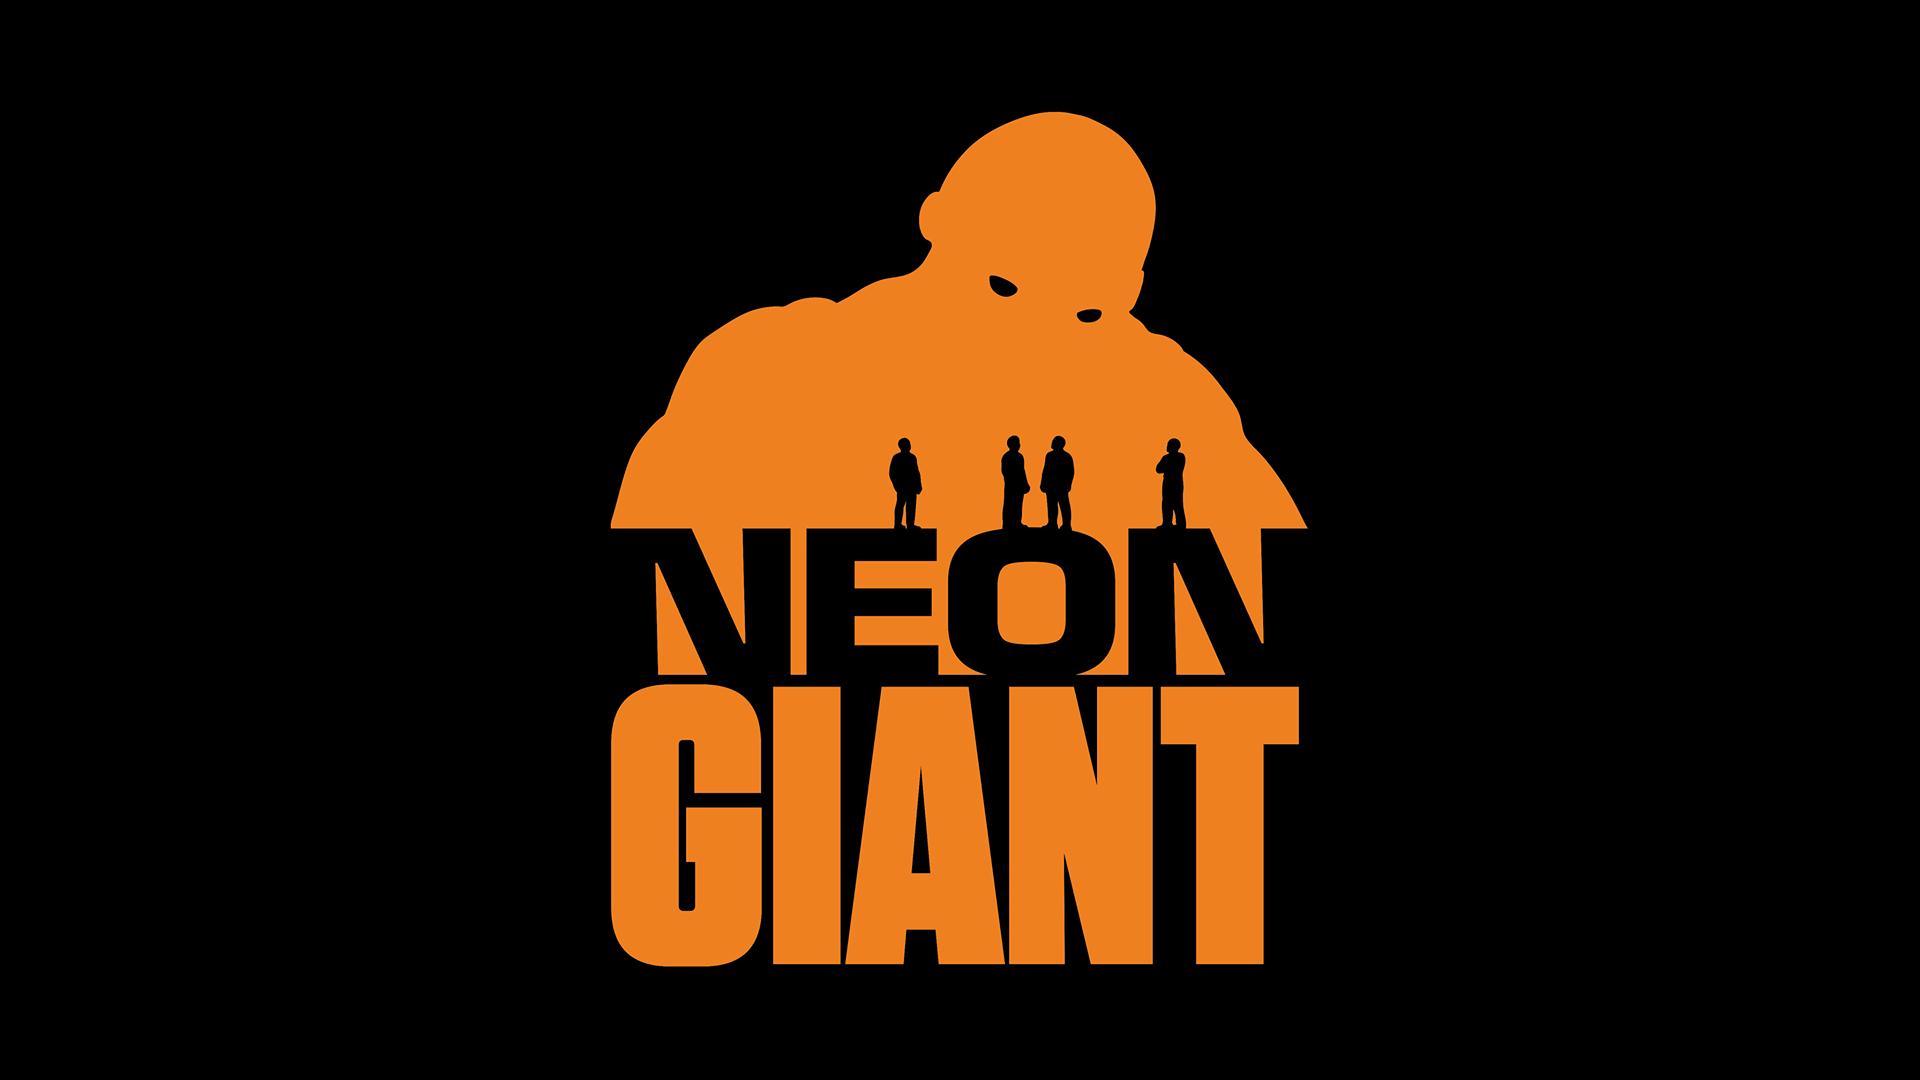 Neon Giant is a new studio comprised of ex-Wolfenstein and Bulletstorm devs screenshot